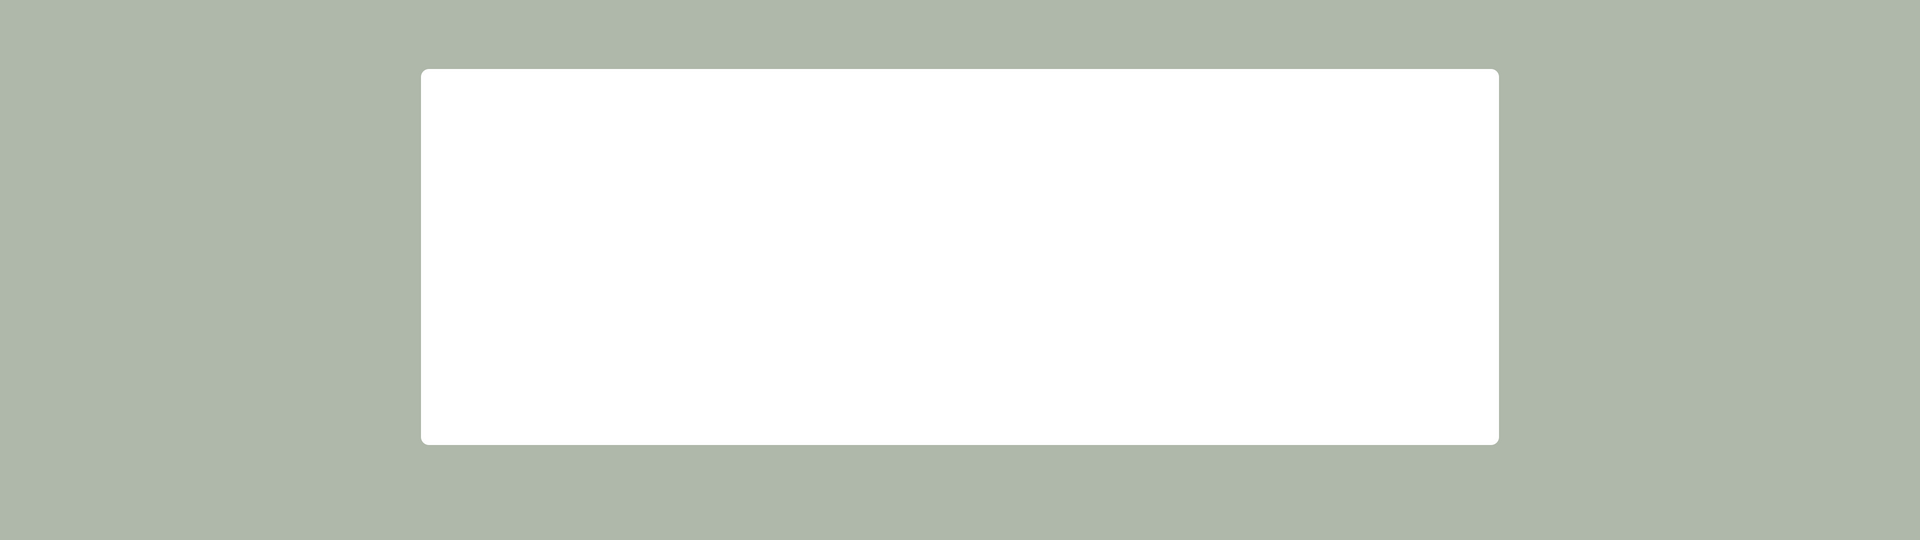 CATEGORY-MDA-ELECTROLUXTEKNOLOJISINDIBURADA-29-06